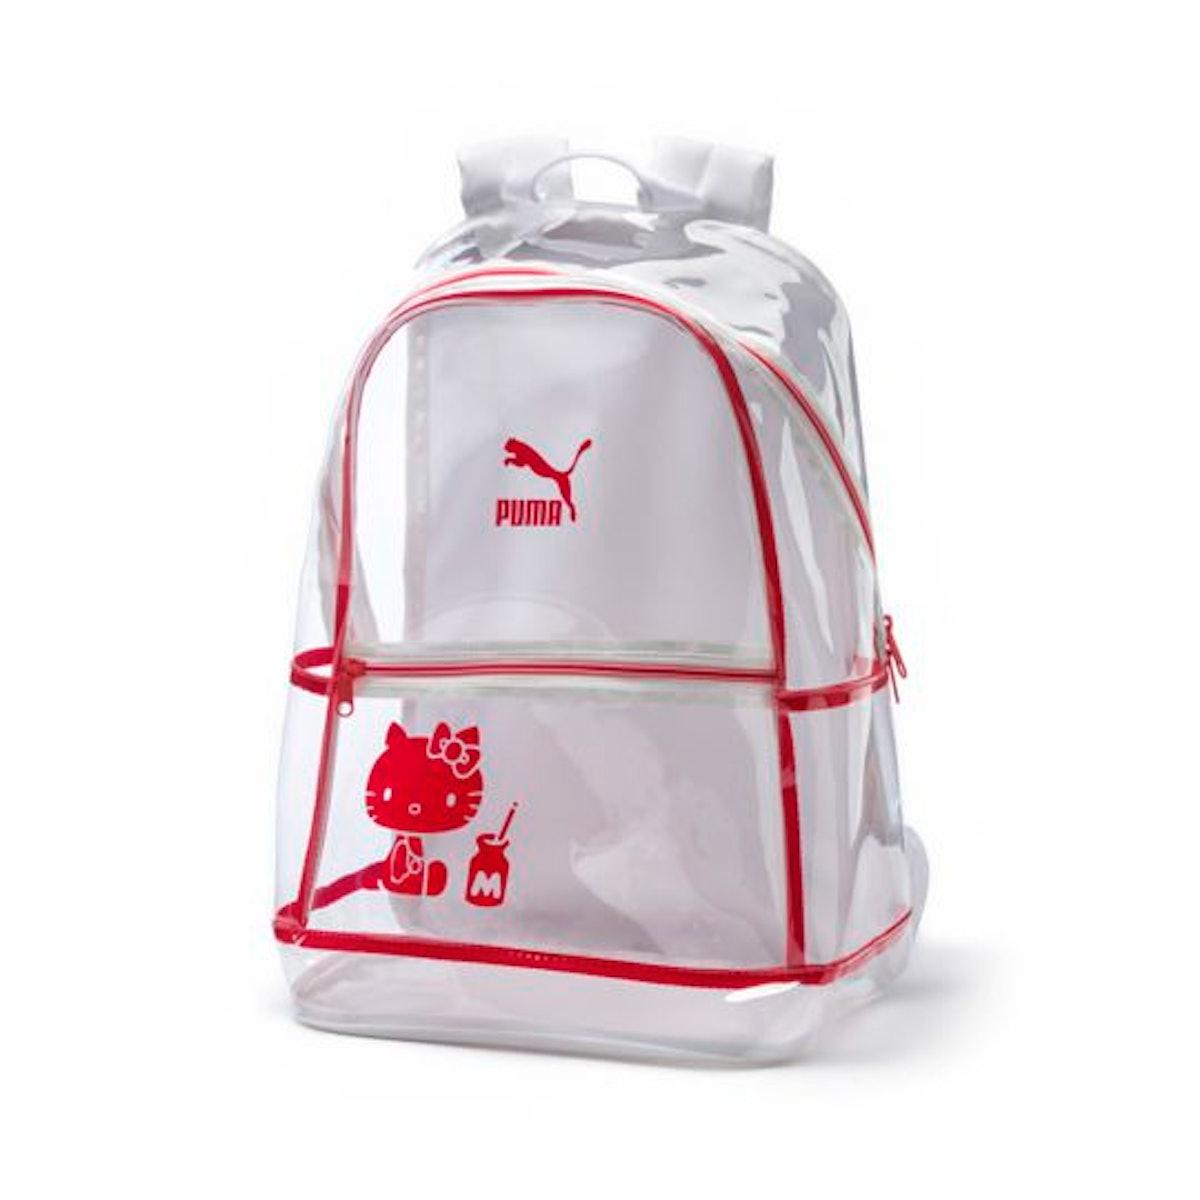 Puma X Hello Kitty Backpack